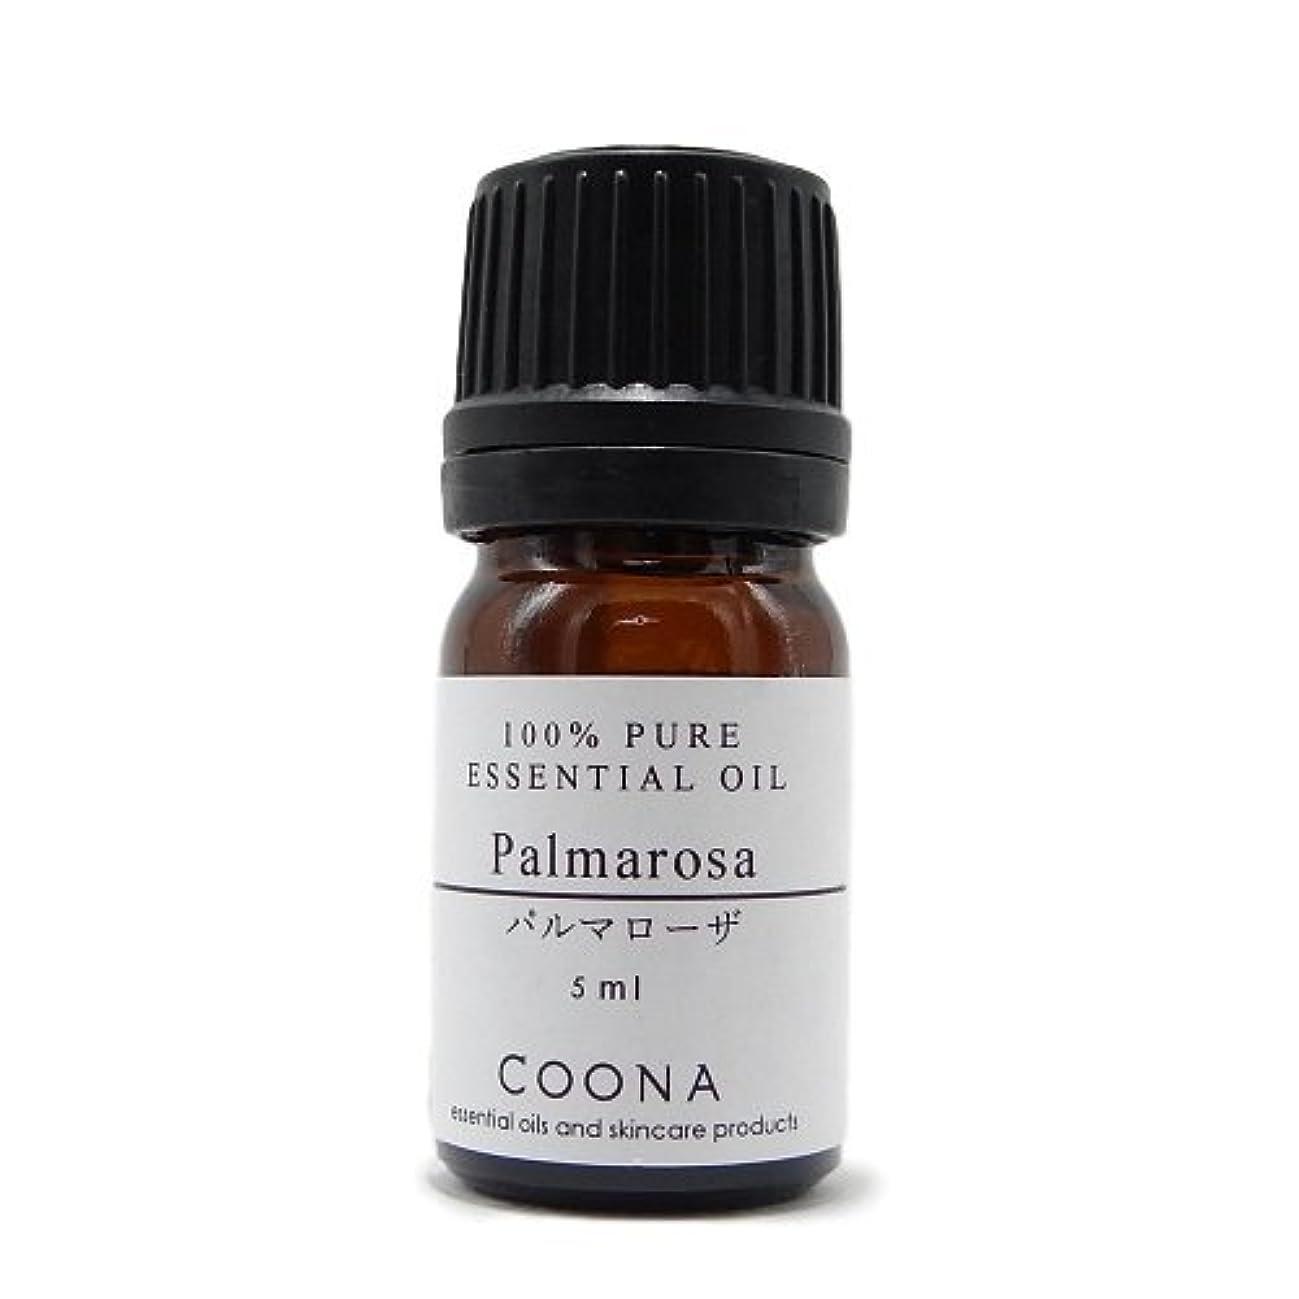 取り除くマトリックスパルマローザ 5 ml (COONA エッセンシャルオイル アロマオイル 100%天然植物精油)